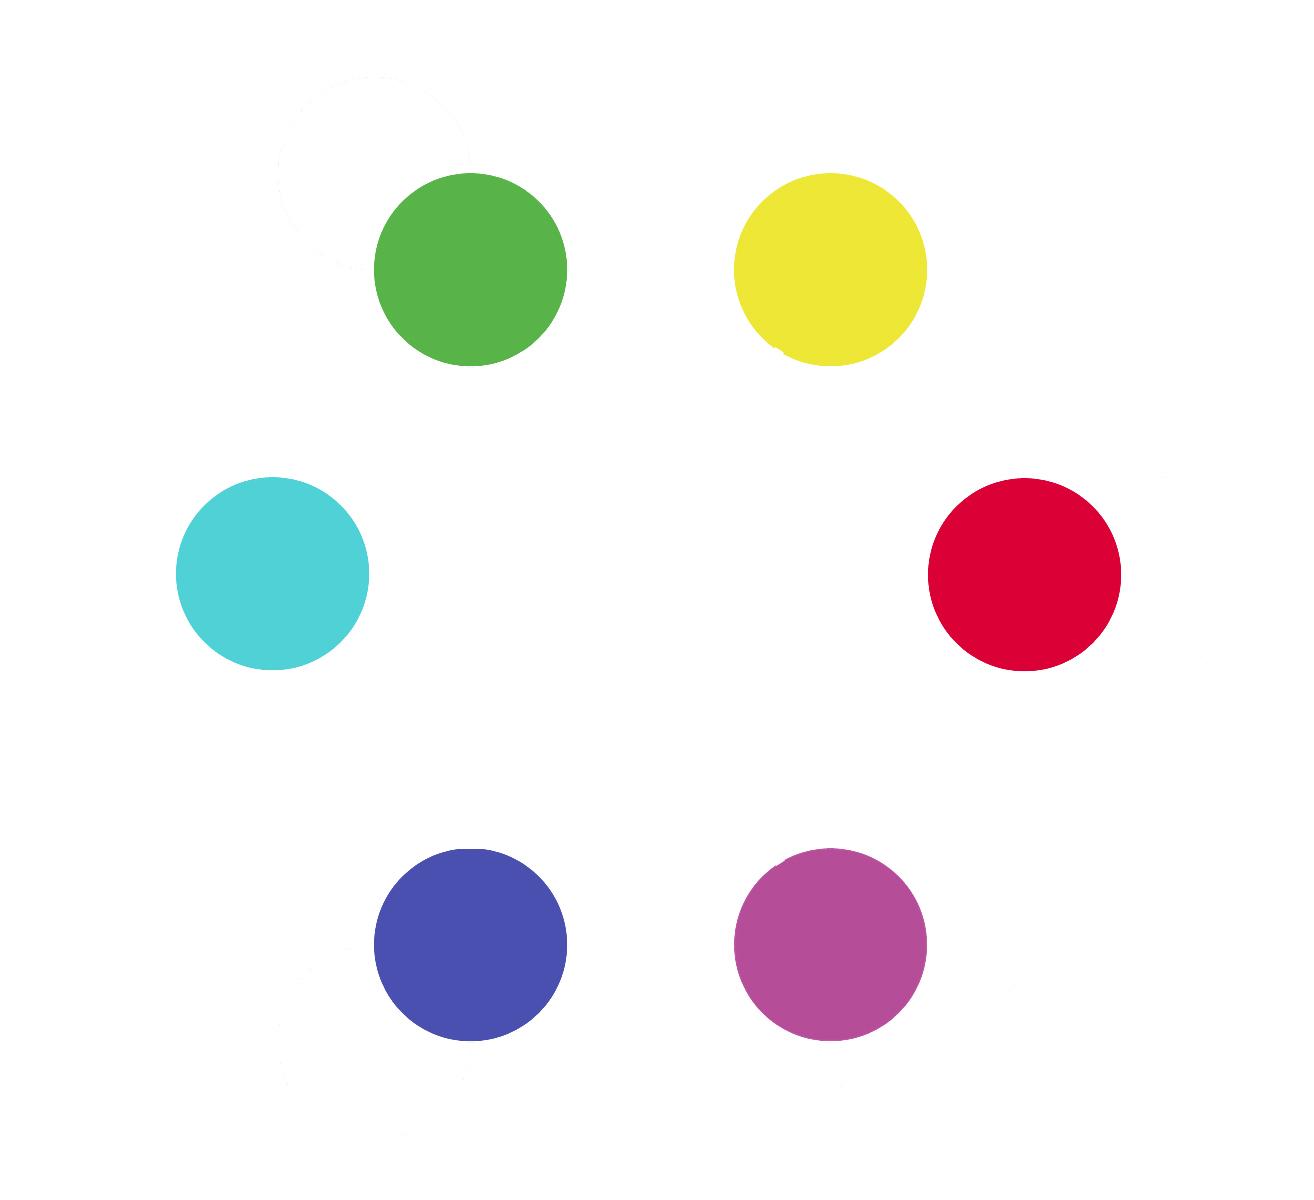 De BeoLab 14 is in meerdere kleuren verkrijgbaar